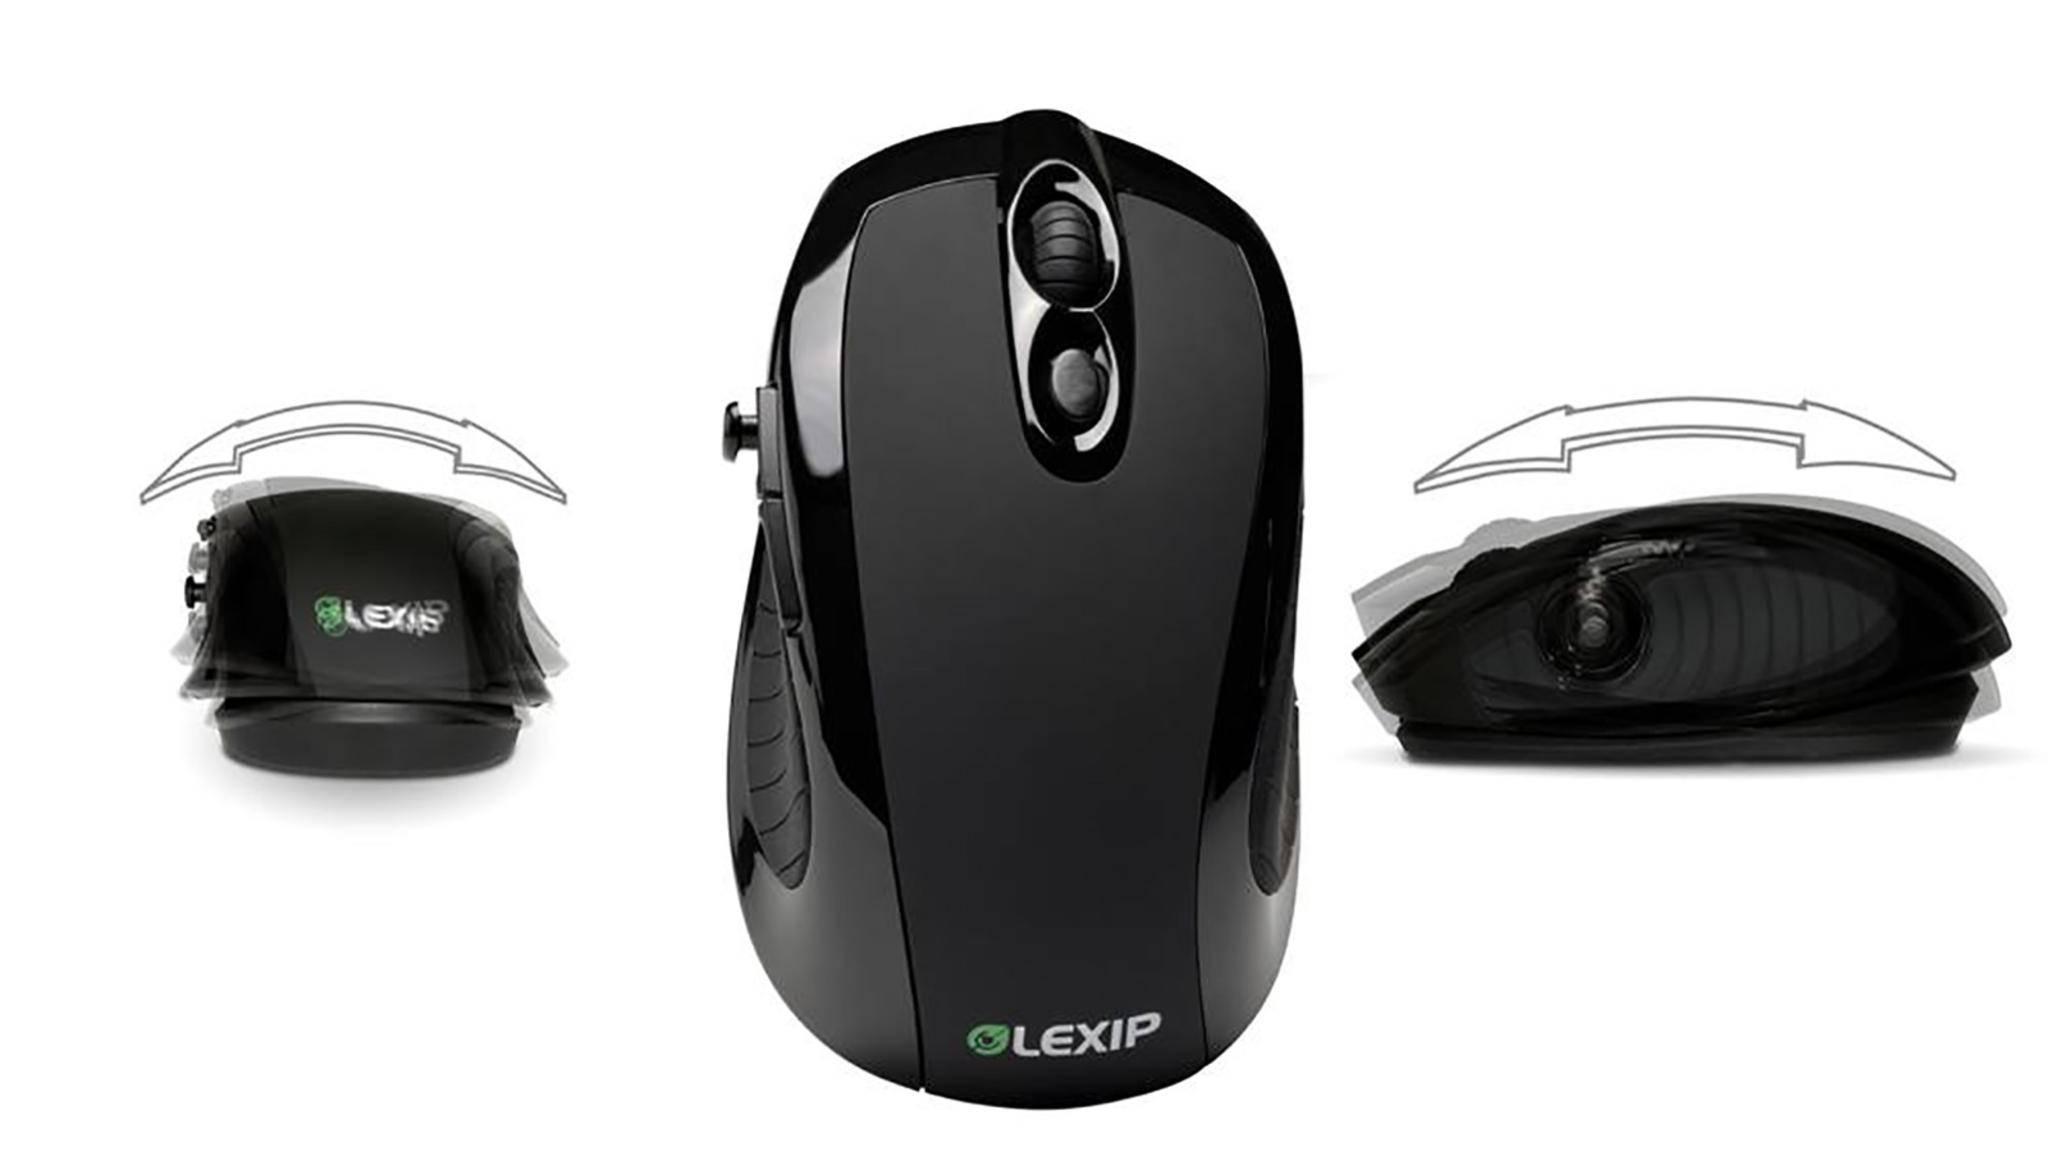 Die Lexip hat einen eingebauten Joystick, der durch Kippen und Neigen des Gehäuses bedient wird.